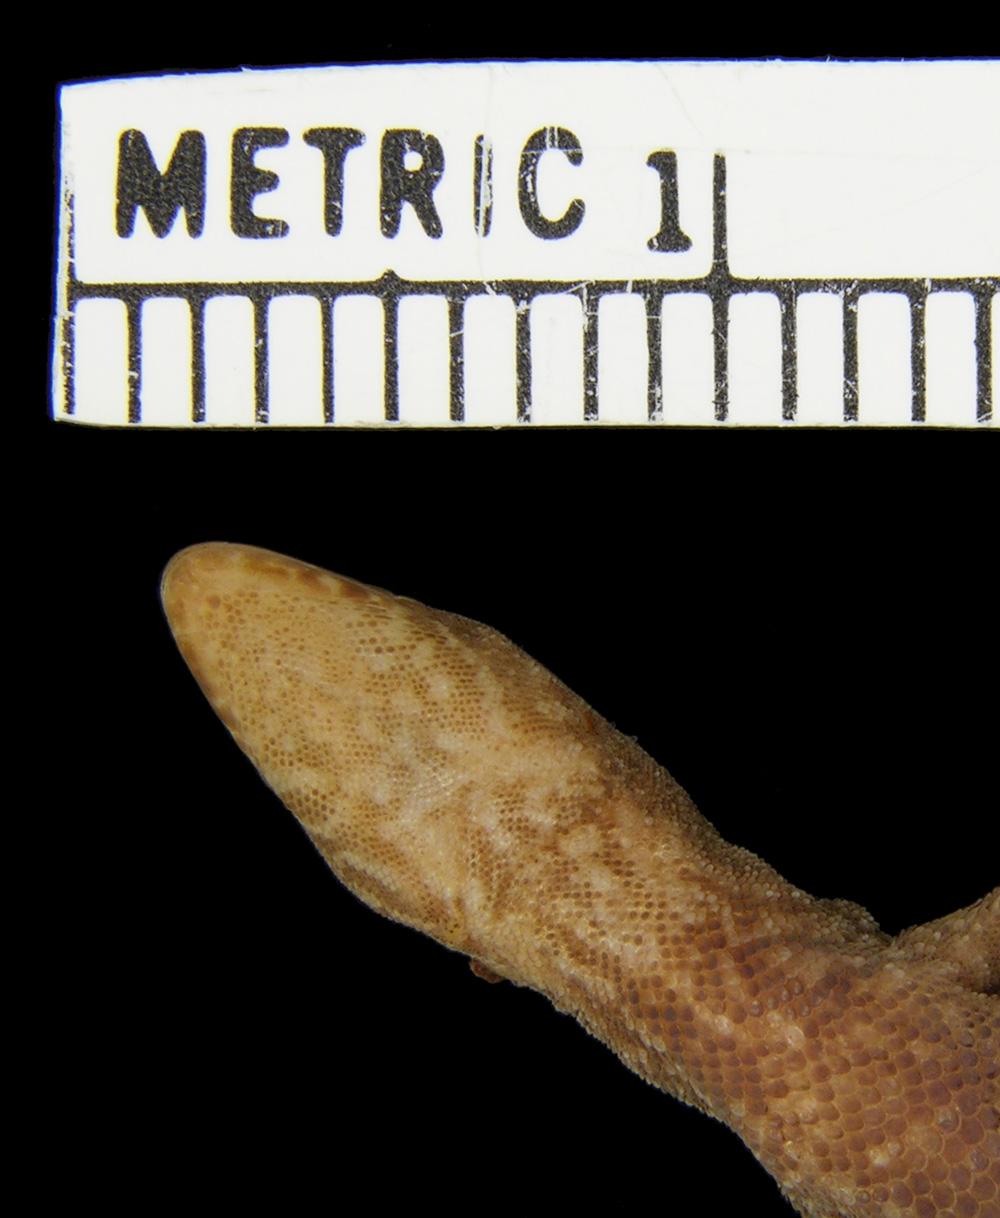 Lepidoblepharis williamsi image